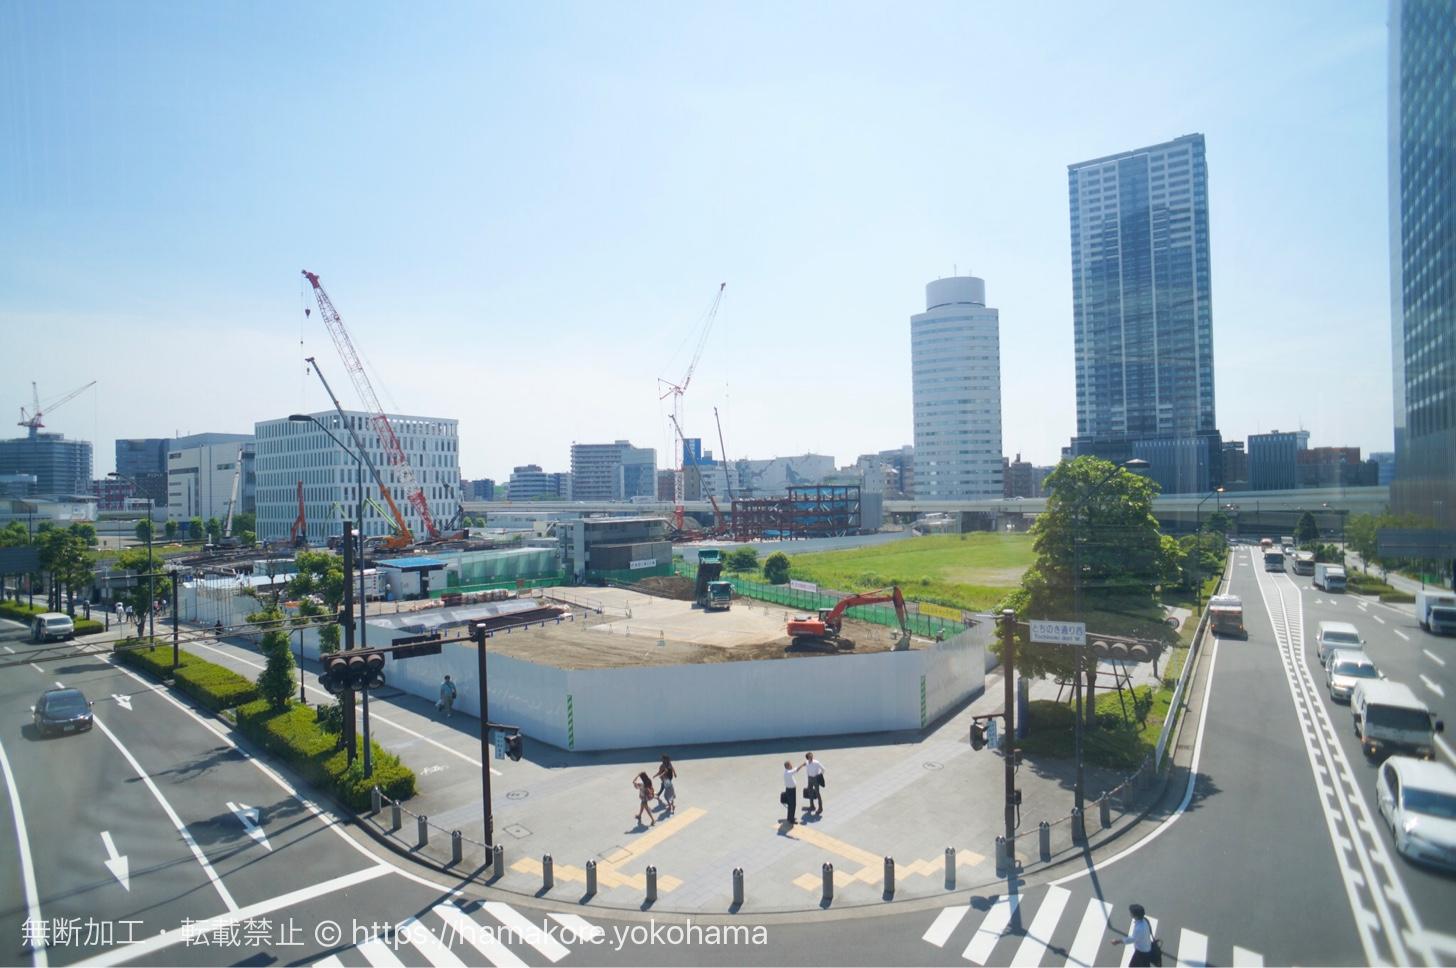 京急グループ本社ビル(仮称)予定地 歩道橋から見た様子